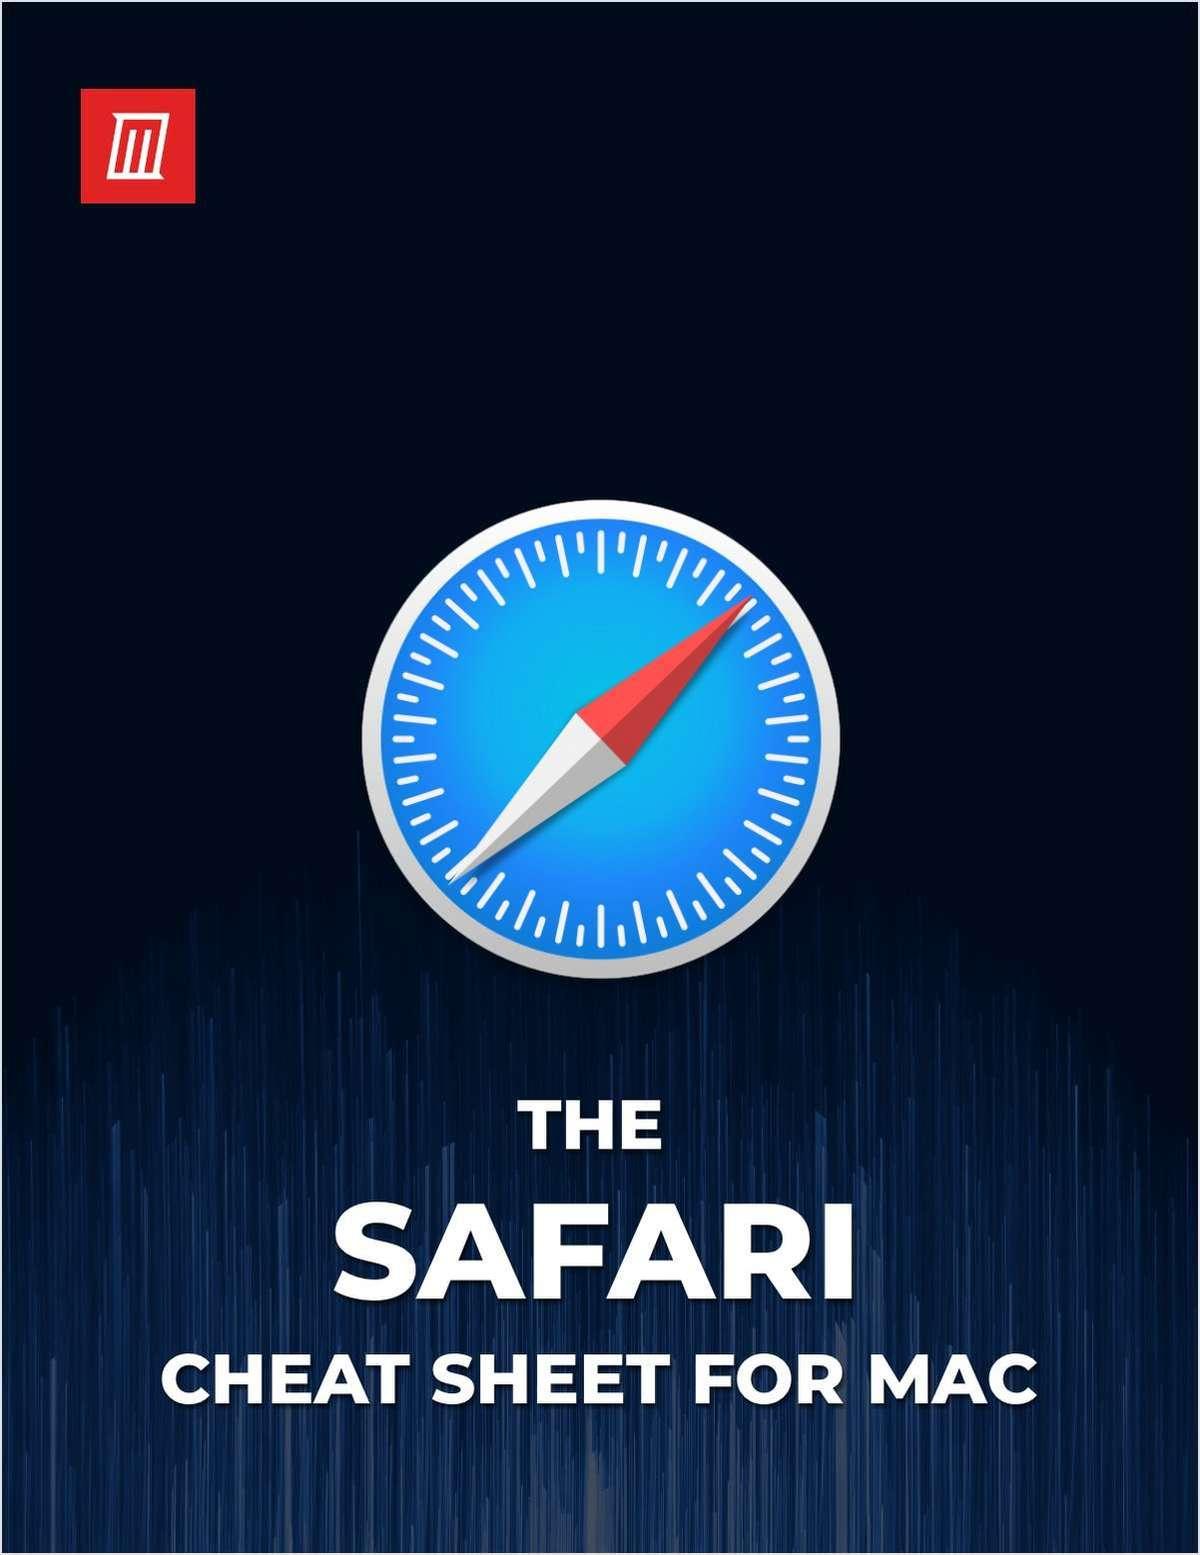 The Safari Cheat Sheet for Mac